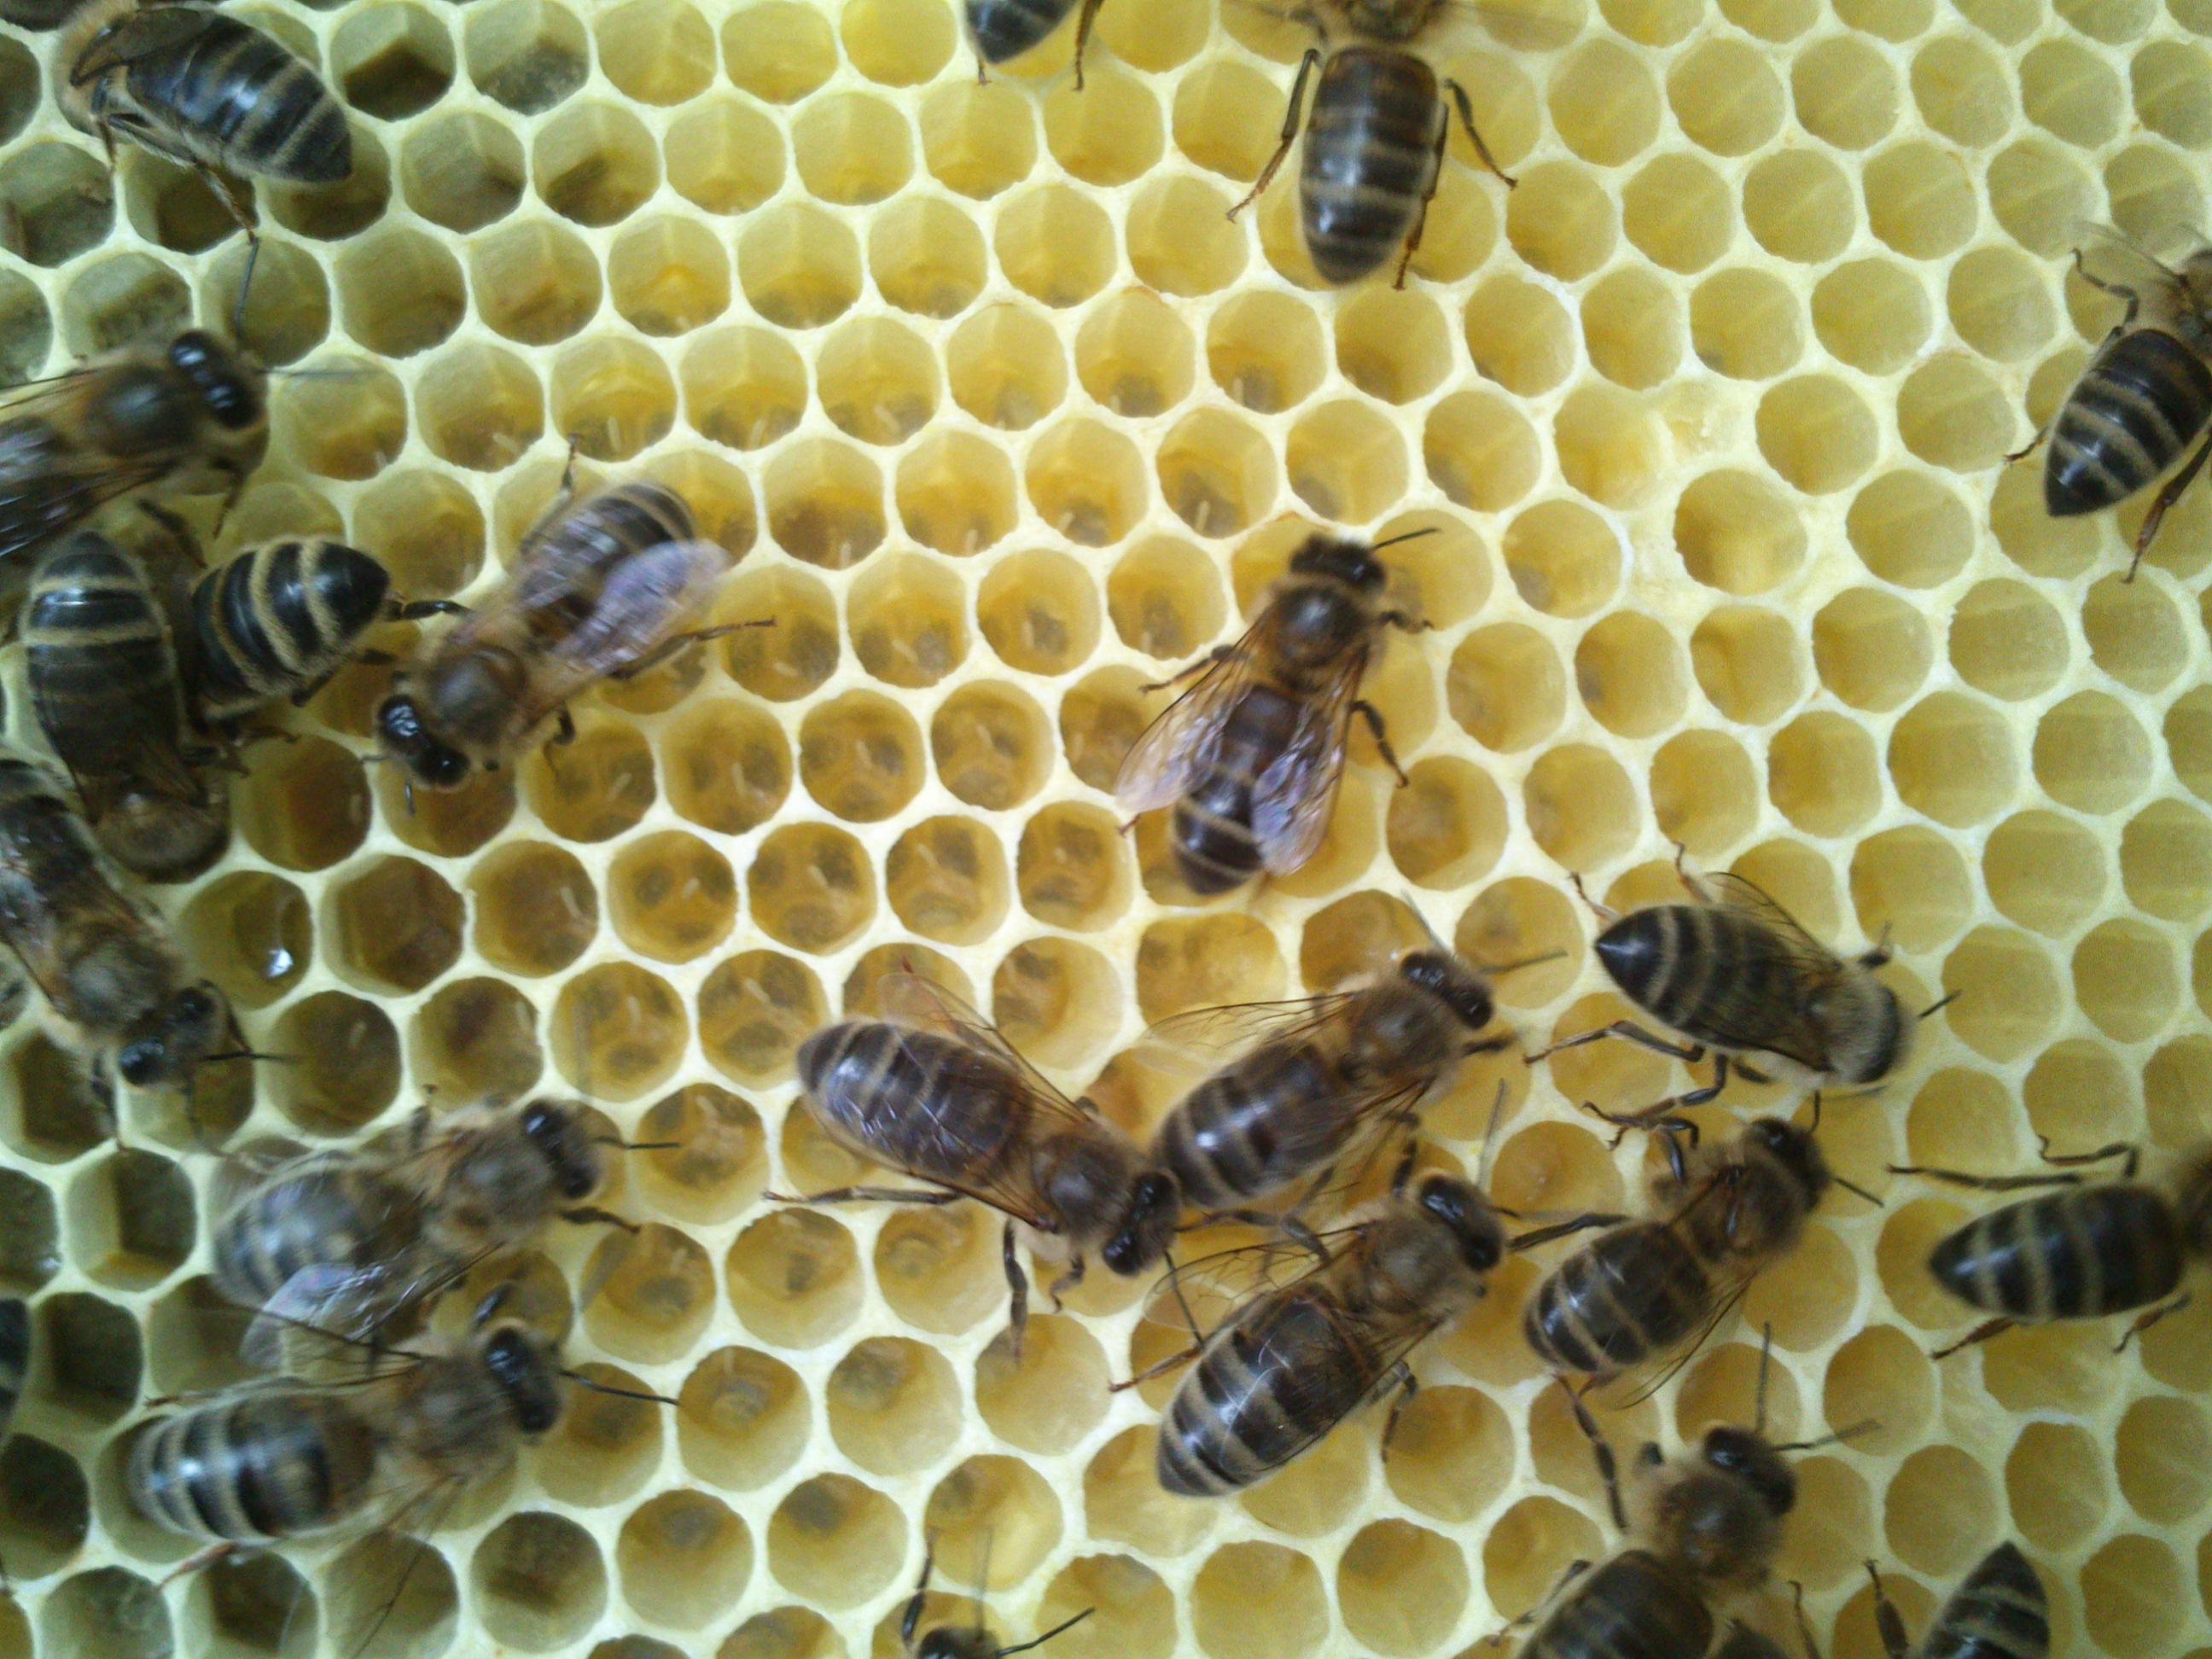 les abeilles occupées à étirer la cire